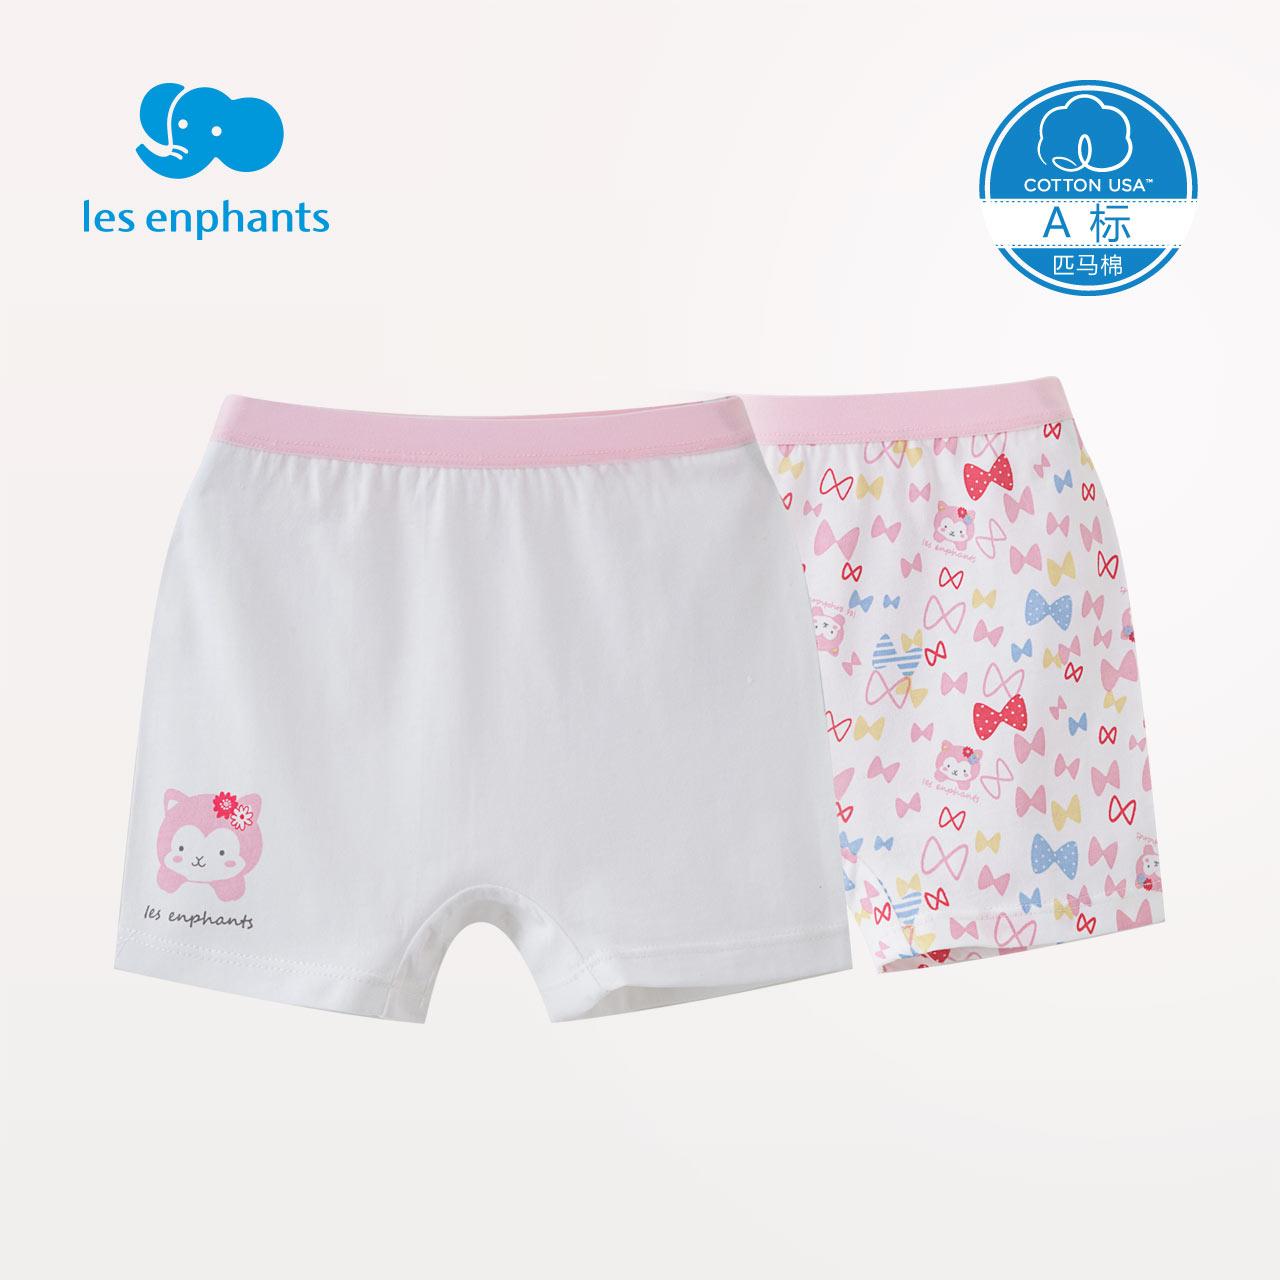 丽婴房衣服 1-8岁儿童男童宝宝纯棉A标内裤可爱舒适2019新款